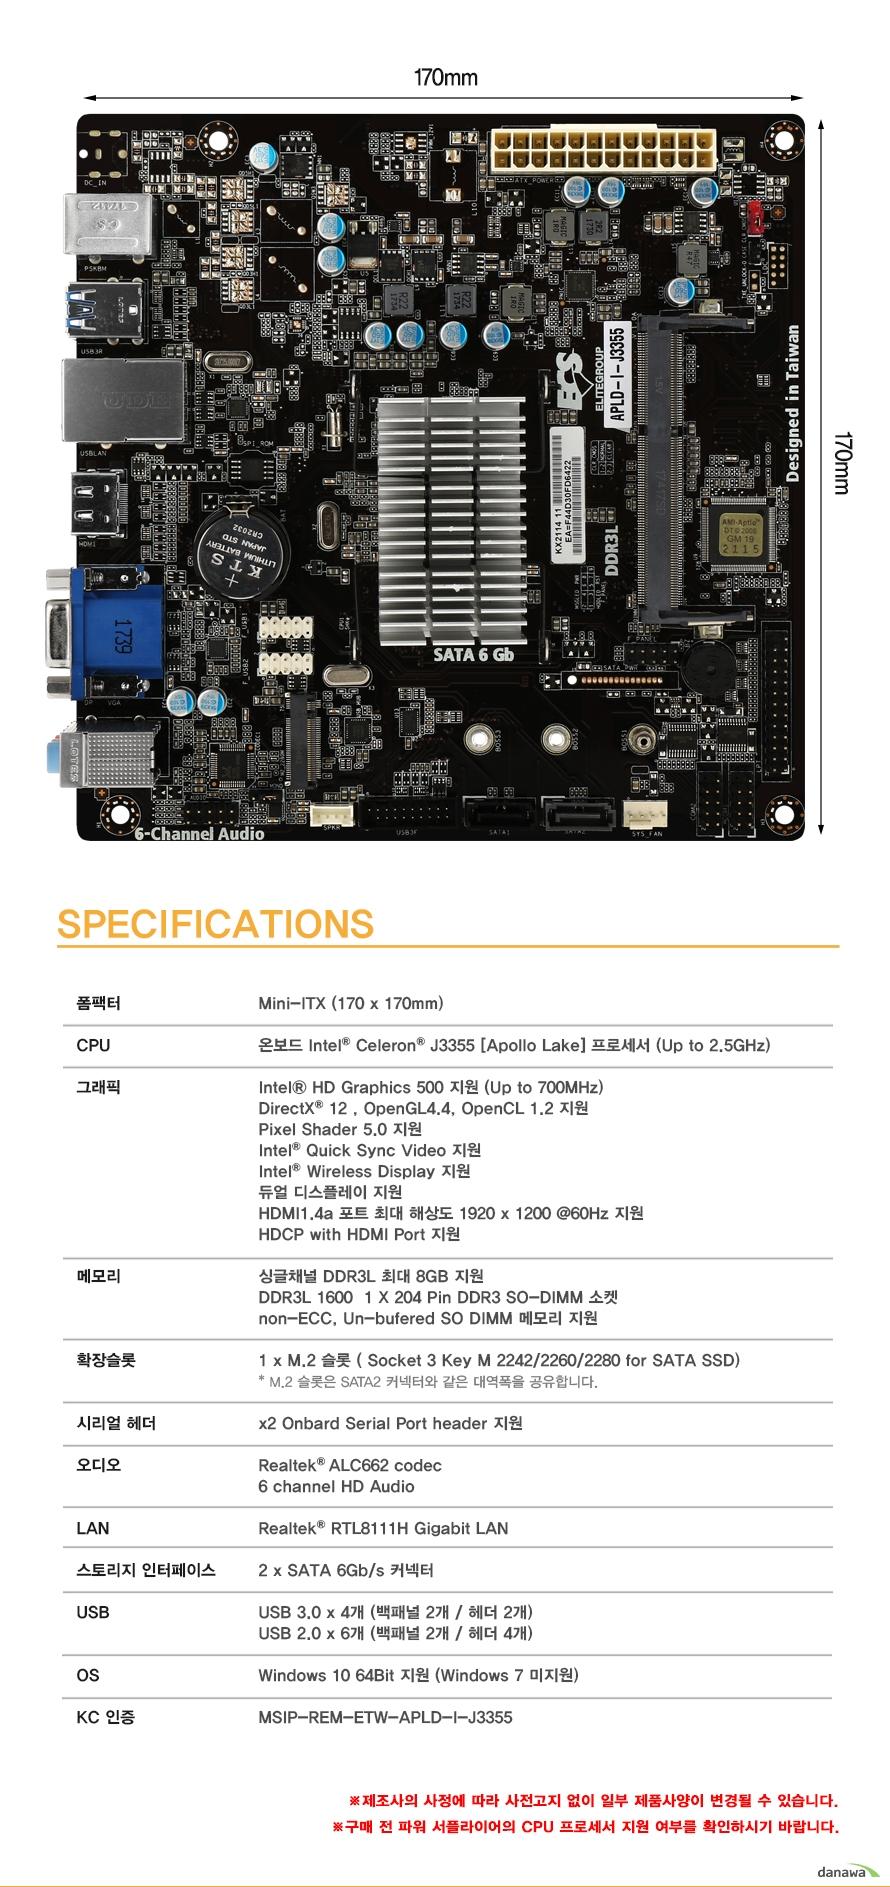 상세정보                        폼팩터 MINI ITX 넓이 높이 170밀리미터                        CPU 온보드 인텔 셀러론 J3355 아폴로레이크 프로세서 최대 2.5기가 헤르츠 부스트                        그래픽                         인텔 hd 그래픽스 500지원 최대 700메가 헤르츠 부스트            다이렉트 x 12            오픈 gl 4.4             오픈 cl 1.2 지원            픽셀 쉐이더 5.0 지원            인텔 퀵 싱크 비디오 지원            인텔 와이어리스 디스플레이 지원            듀얼 디스플레이 지원            hdmi 1.4a 포트 최대 해상도 1920 1200 주사율 60헤르츠 지원            hdcp with hdmi 포트 지원                        메모리                        싱글채널 ddr3l 최대 8기가바이트 지원            ddr3l 1600 204핀 ddr3 so dimm 소켓 지원            non ecc 언 버퍼드 so dimm 메모리 지원                        확장슬롯            m.2슬롯 소켓 3 key m 2242 2260 2280 for sata ssd 지원                        시리얼 헤더            온보드 시리얼 포트 헤더 2개 지원                        오디오 리얼텍 alc662 코덱            6채널 hd 오디오                         lan 리얼텍 rtl8111h 기가비트 랜                        스토리지 인터페이스 sata3 6기가바이트 커넥터 2개 지원                        usb 3.0 백패널 2개 및 헤더 2개 총 4개 지원            usb 2.0 백패널 2개 및 헤더 4개 총 6개 지원                        운영체제 윈도우 10 64비트 지원, 윈도우 7은 지원하지 않습니다.                        kc인증 MSIP REM ETW APLD I J3355                        제조사의 사정에 따라 사전고지 없이 일부 제품사양이 변경될 수 있습니다.            구매 전 파워 서플라이의 CPU프로세서 지원 여부를 확인하시기 바랍니다.